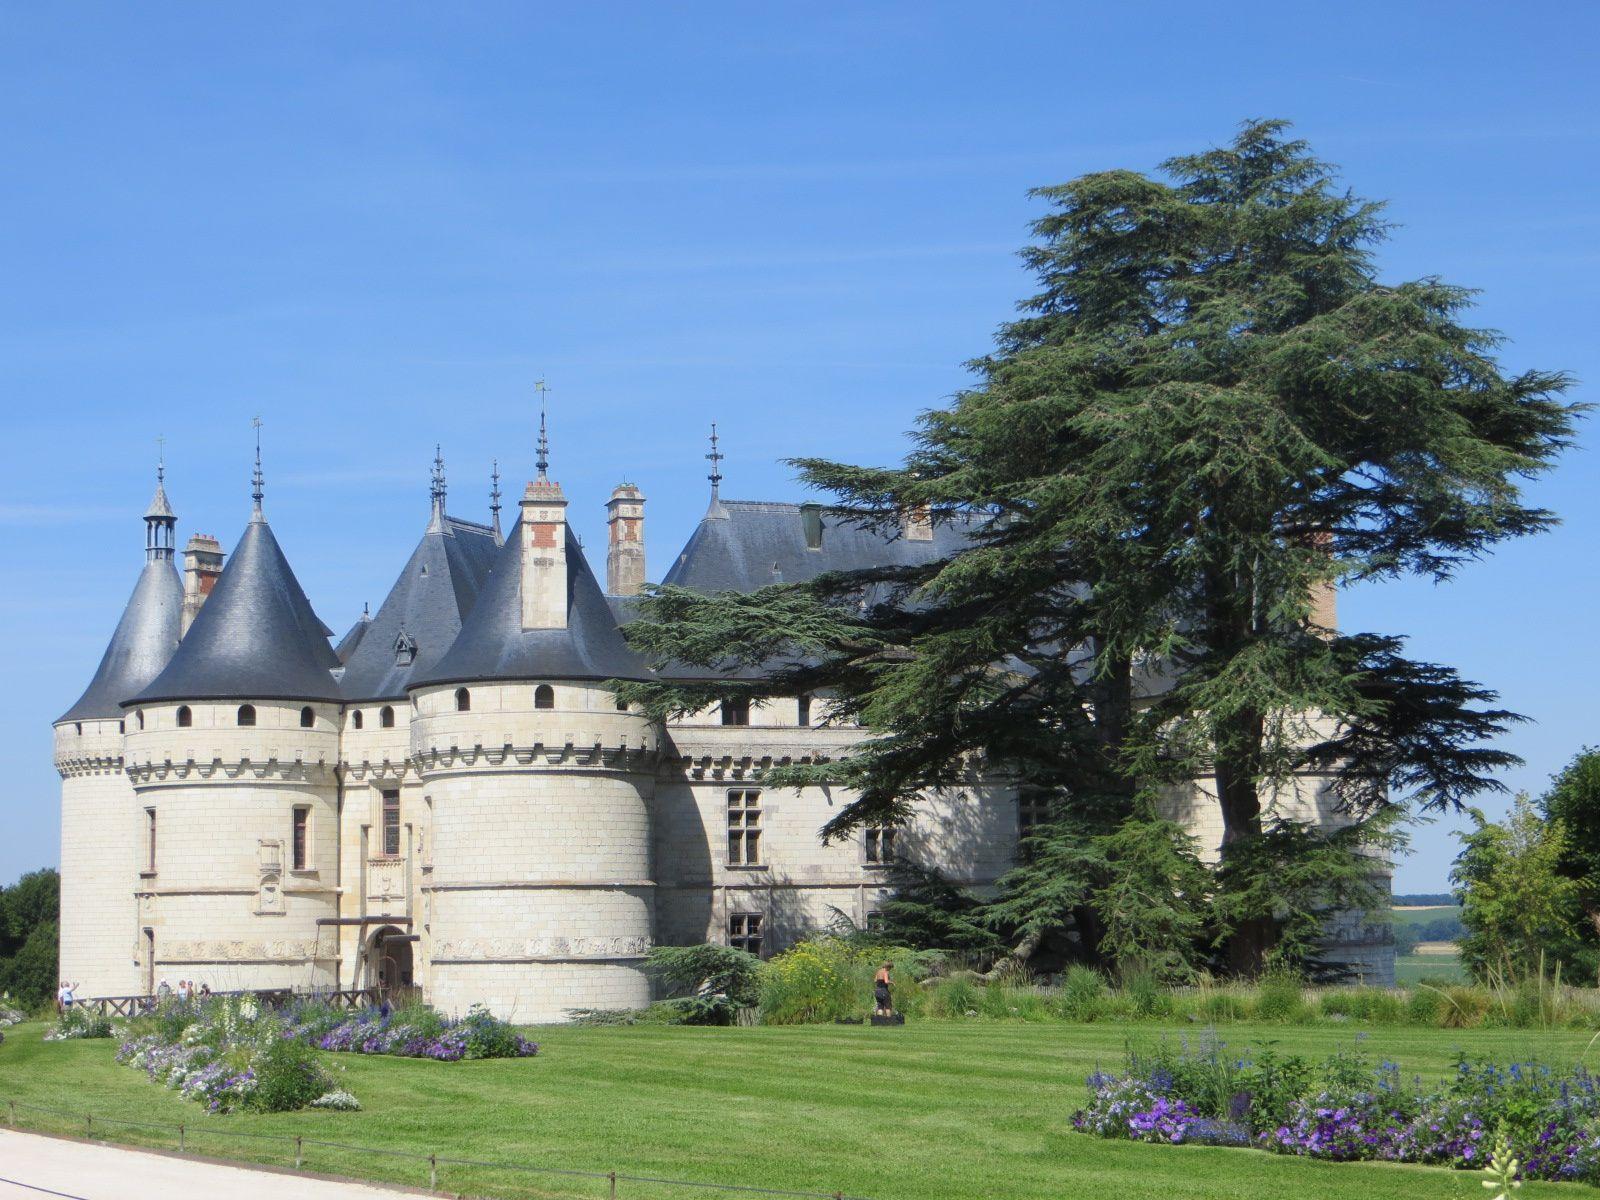 Le chateau, que nous n'avons pas visité, il le faudrait bien pourtant un jour!